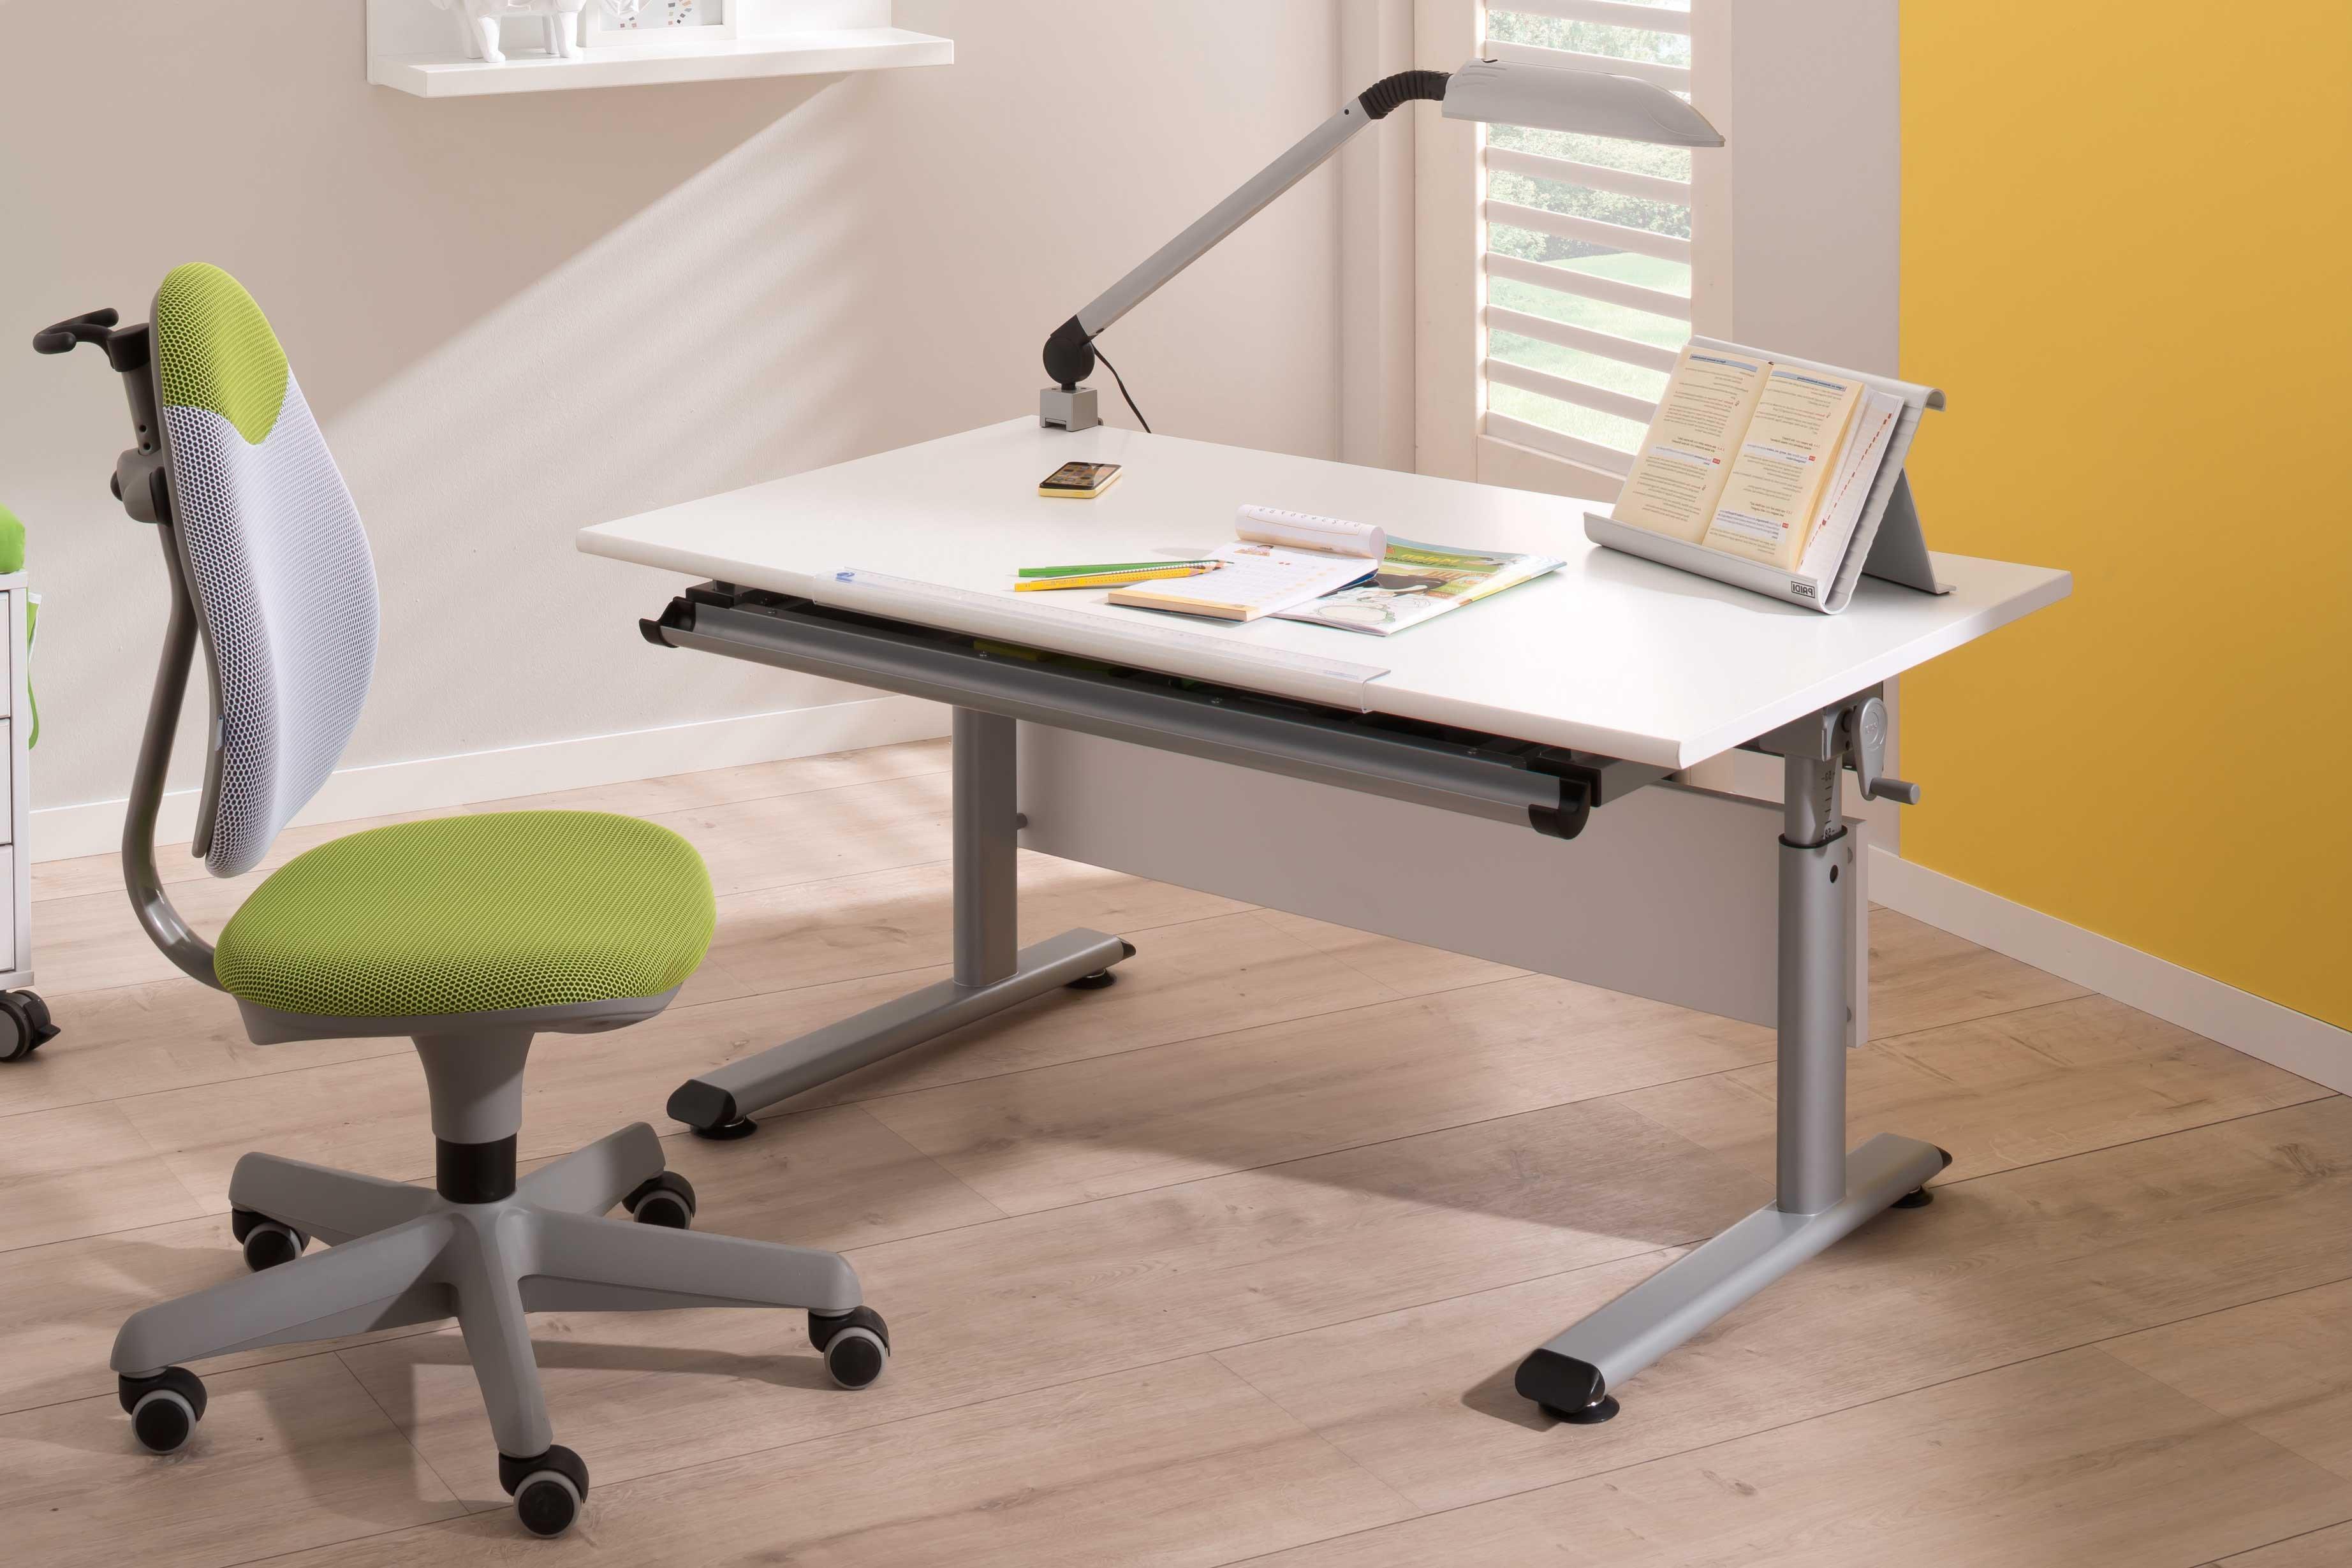 paidi marco 2 105 kinderschreibtisch mit h henverstellung. Black Bedroom Furniture Sets. Home Design Ideas